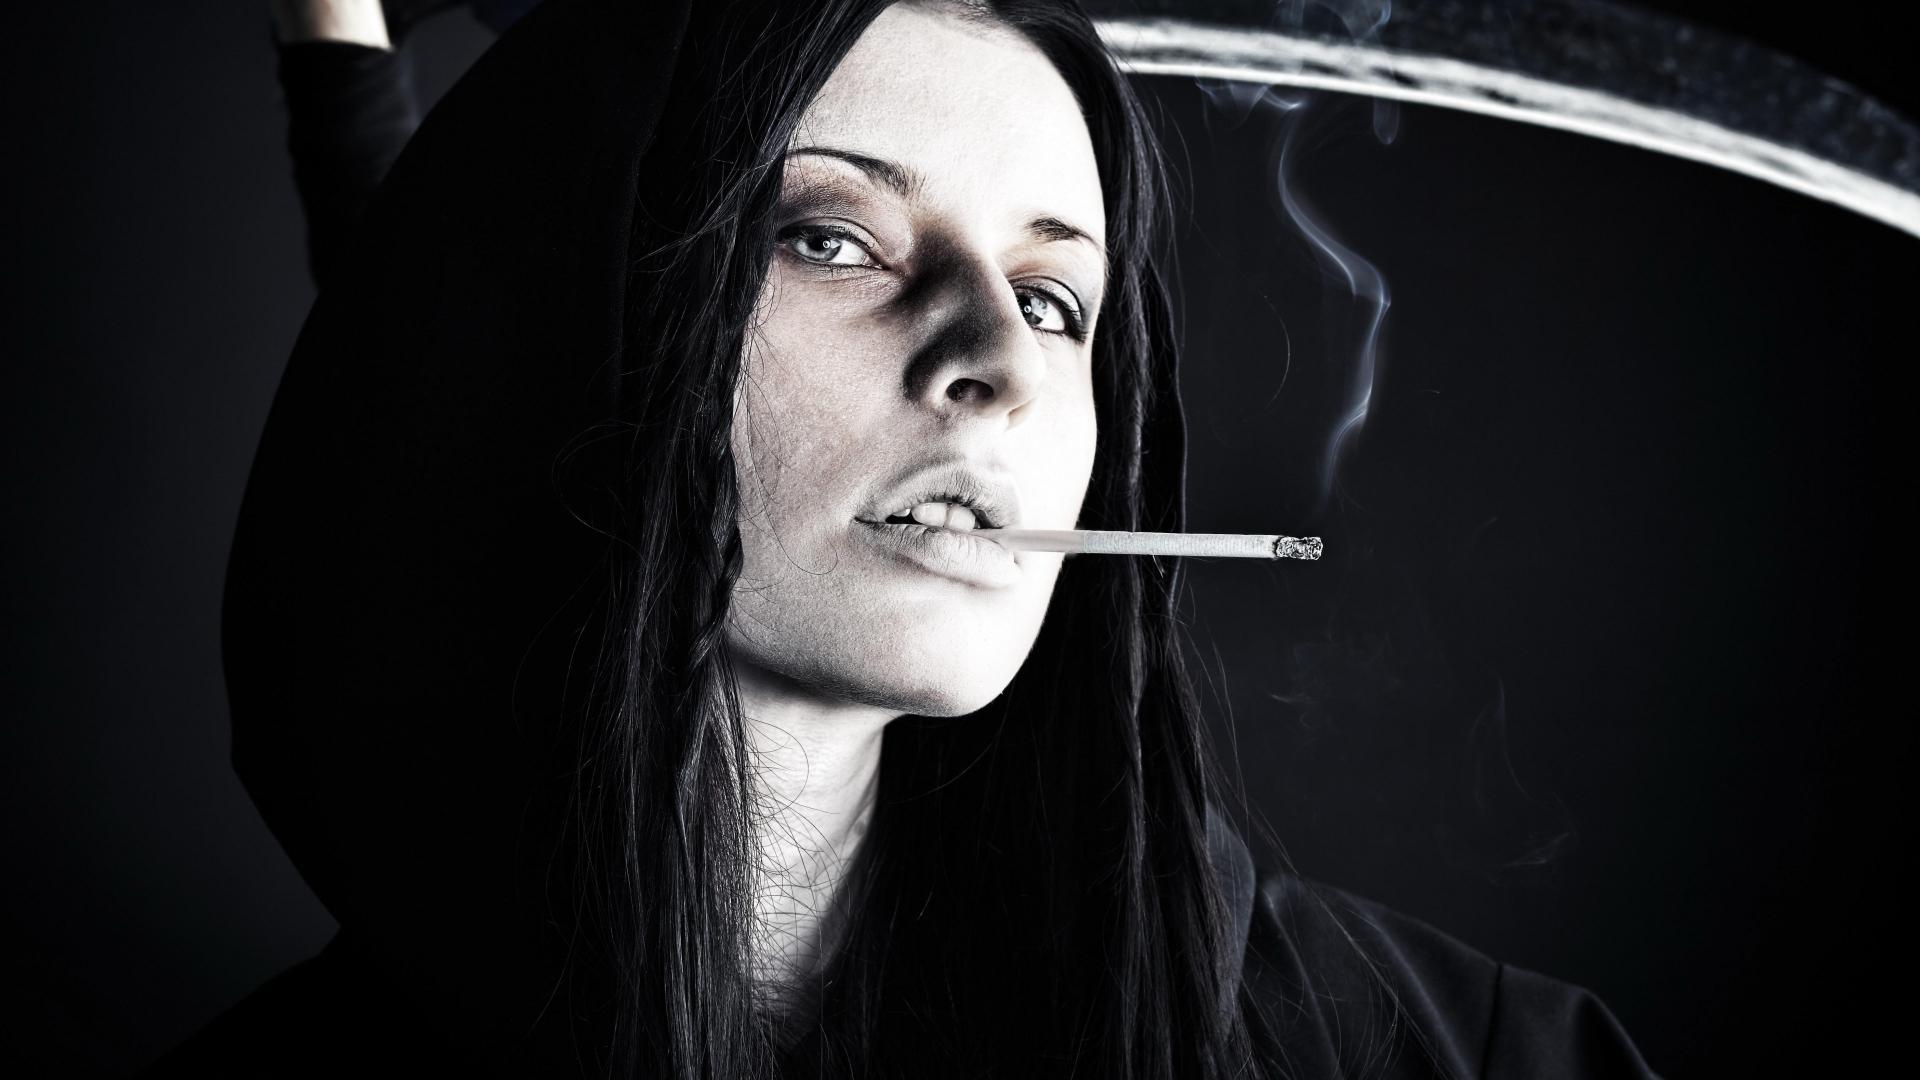 Курить нельзя бросить. Можно ли сочетать вредные привычки и заботу о здоровье зубов?